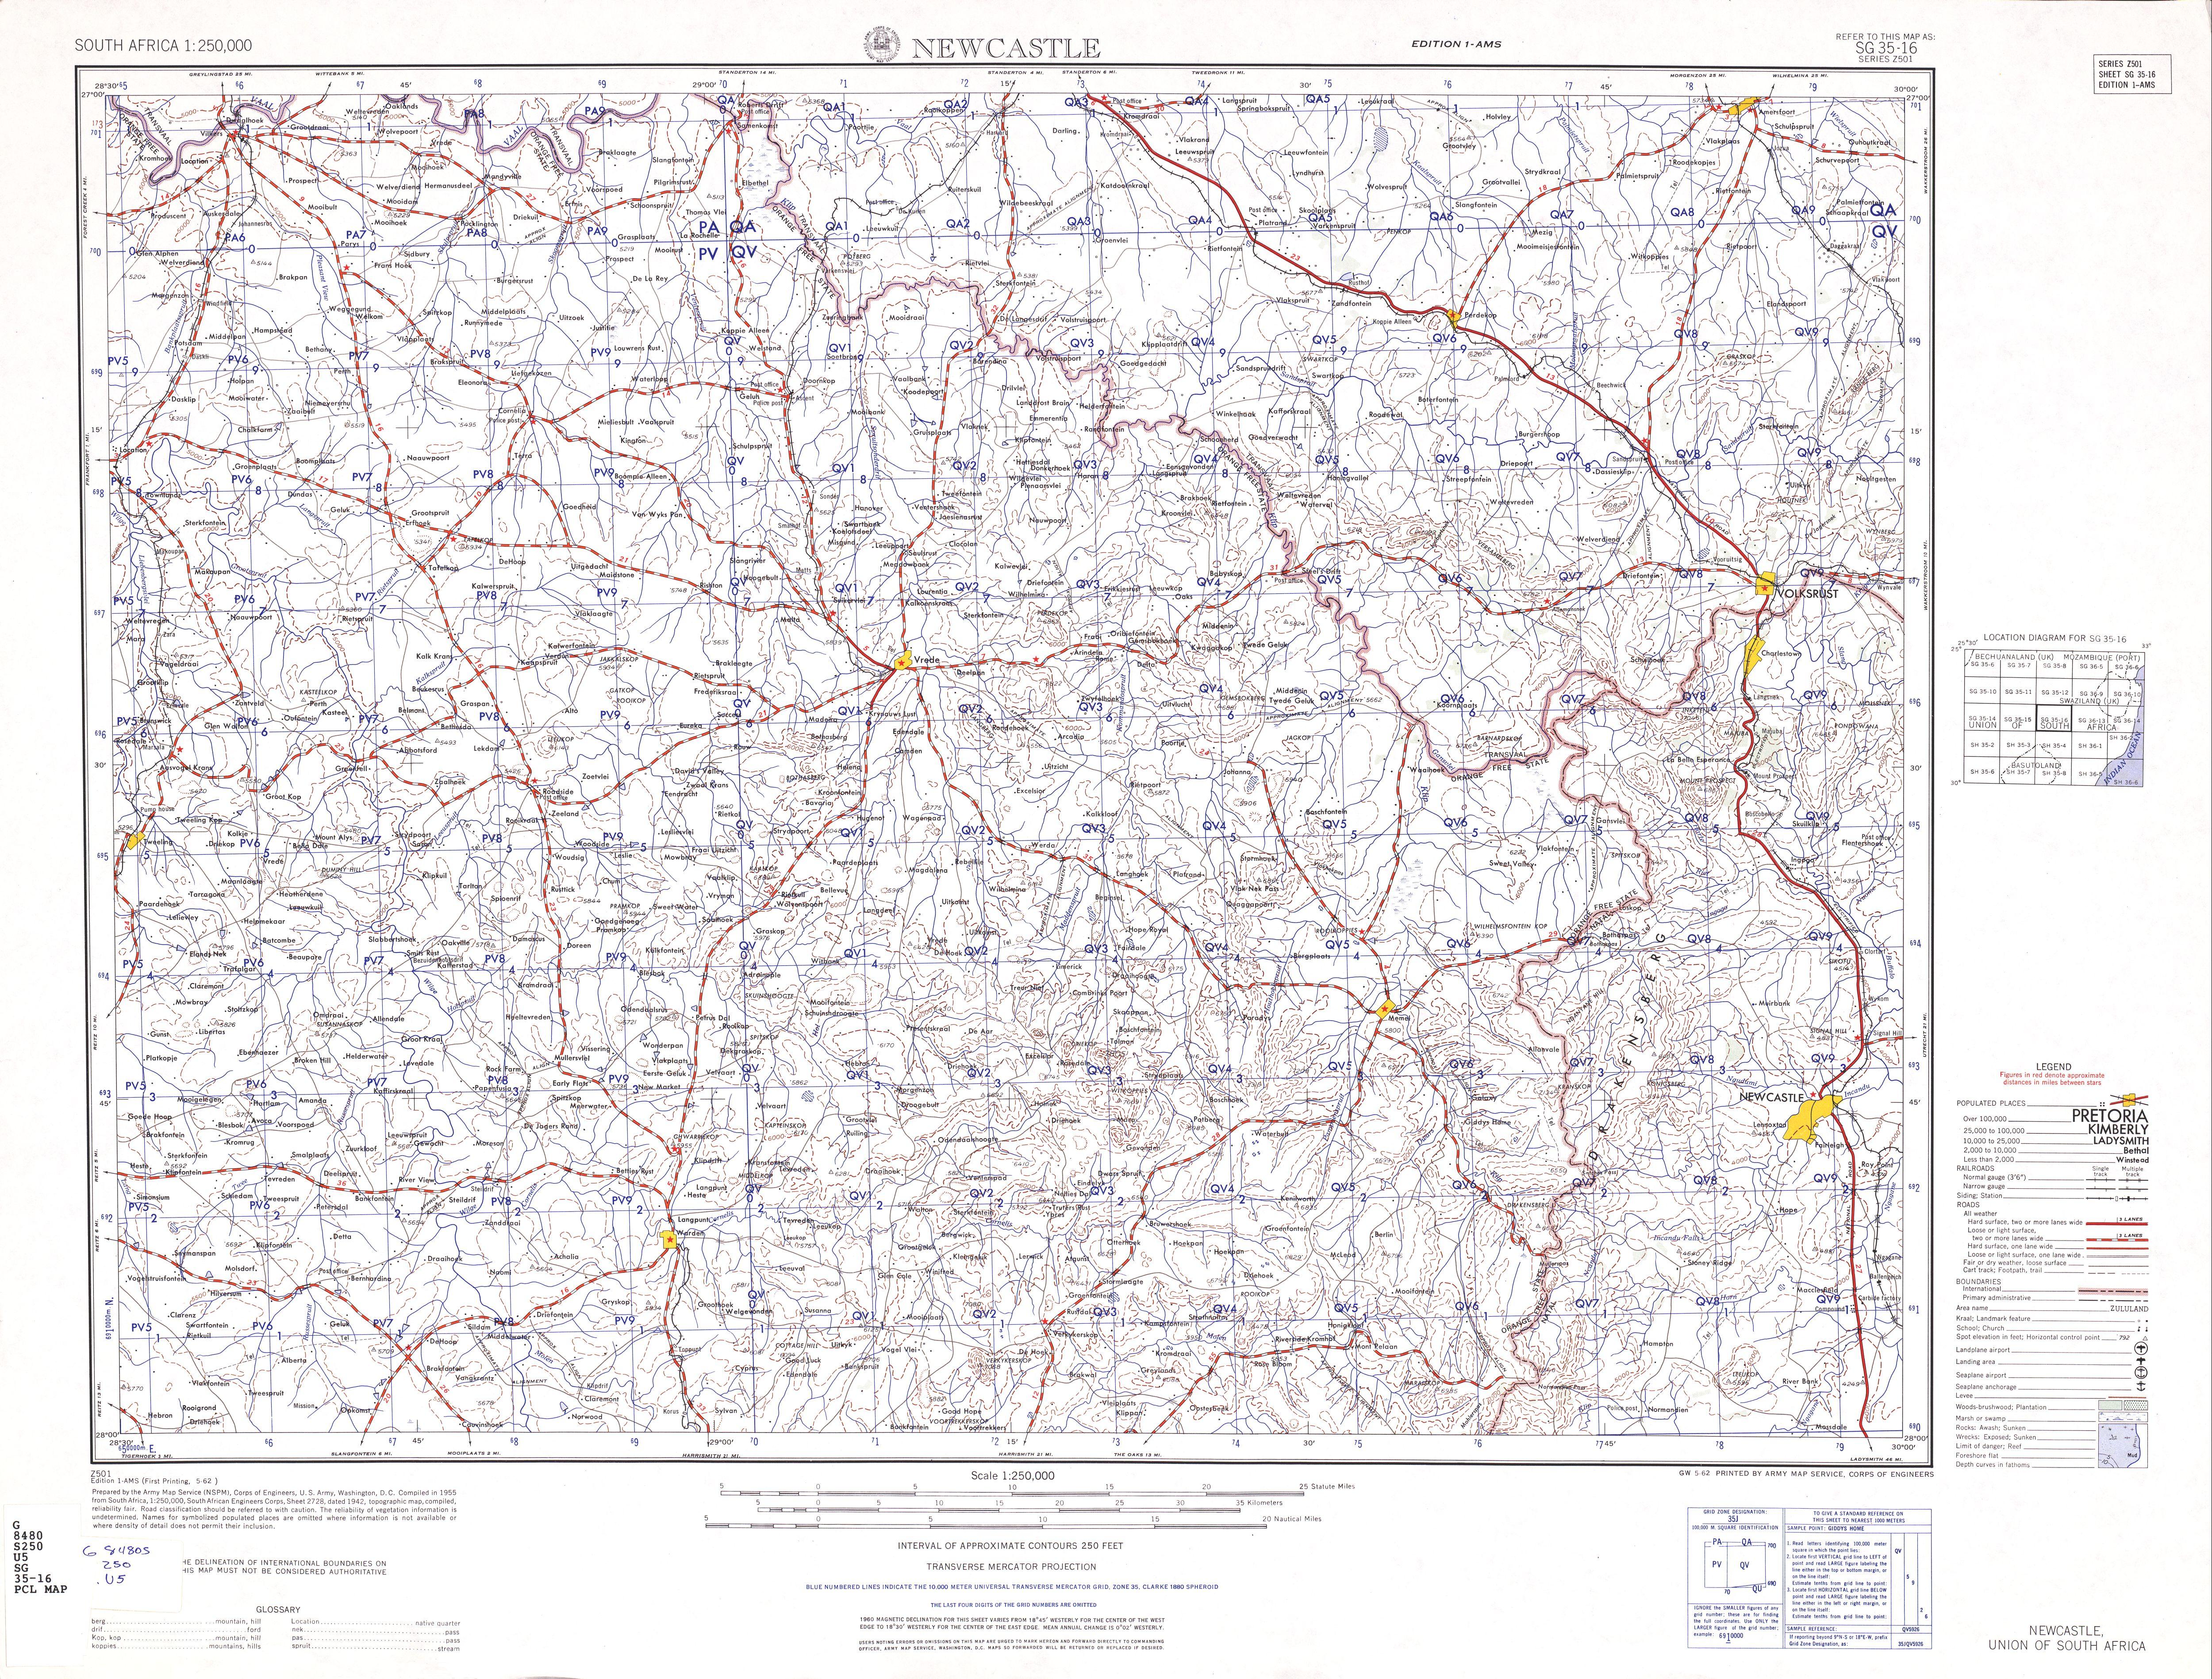 Hoja Newcastle del Mapa Topográfico de África Meridional 1954